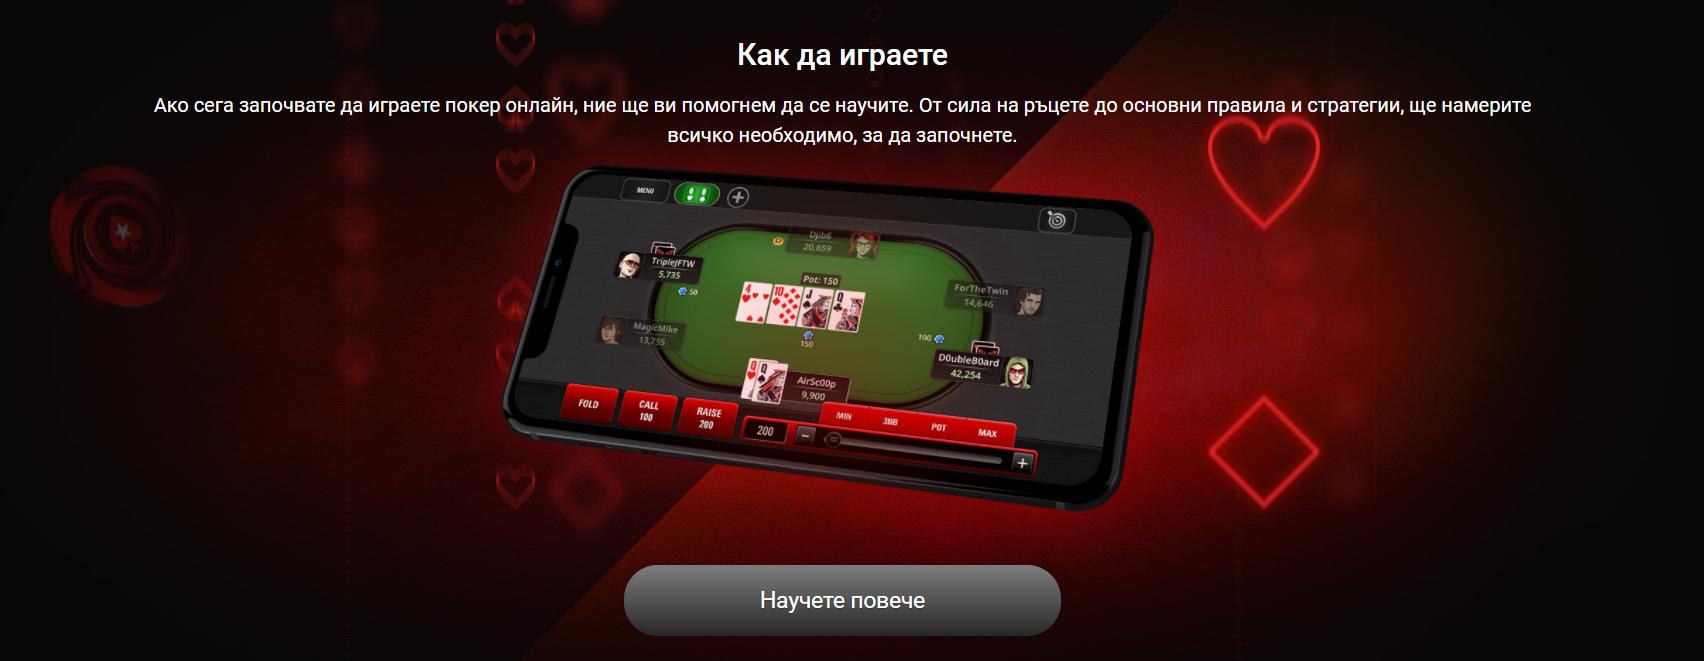 kak se igrae poker-komarbet.com